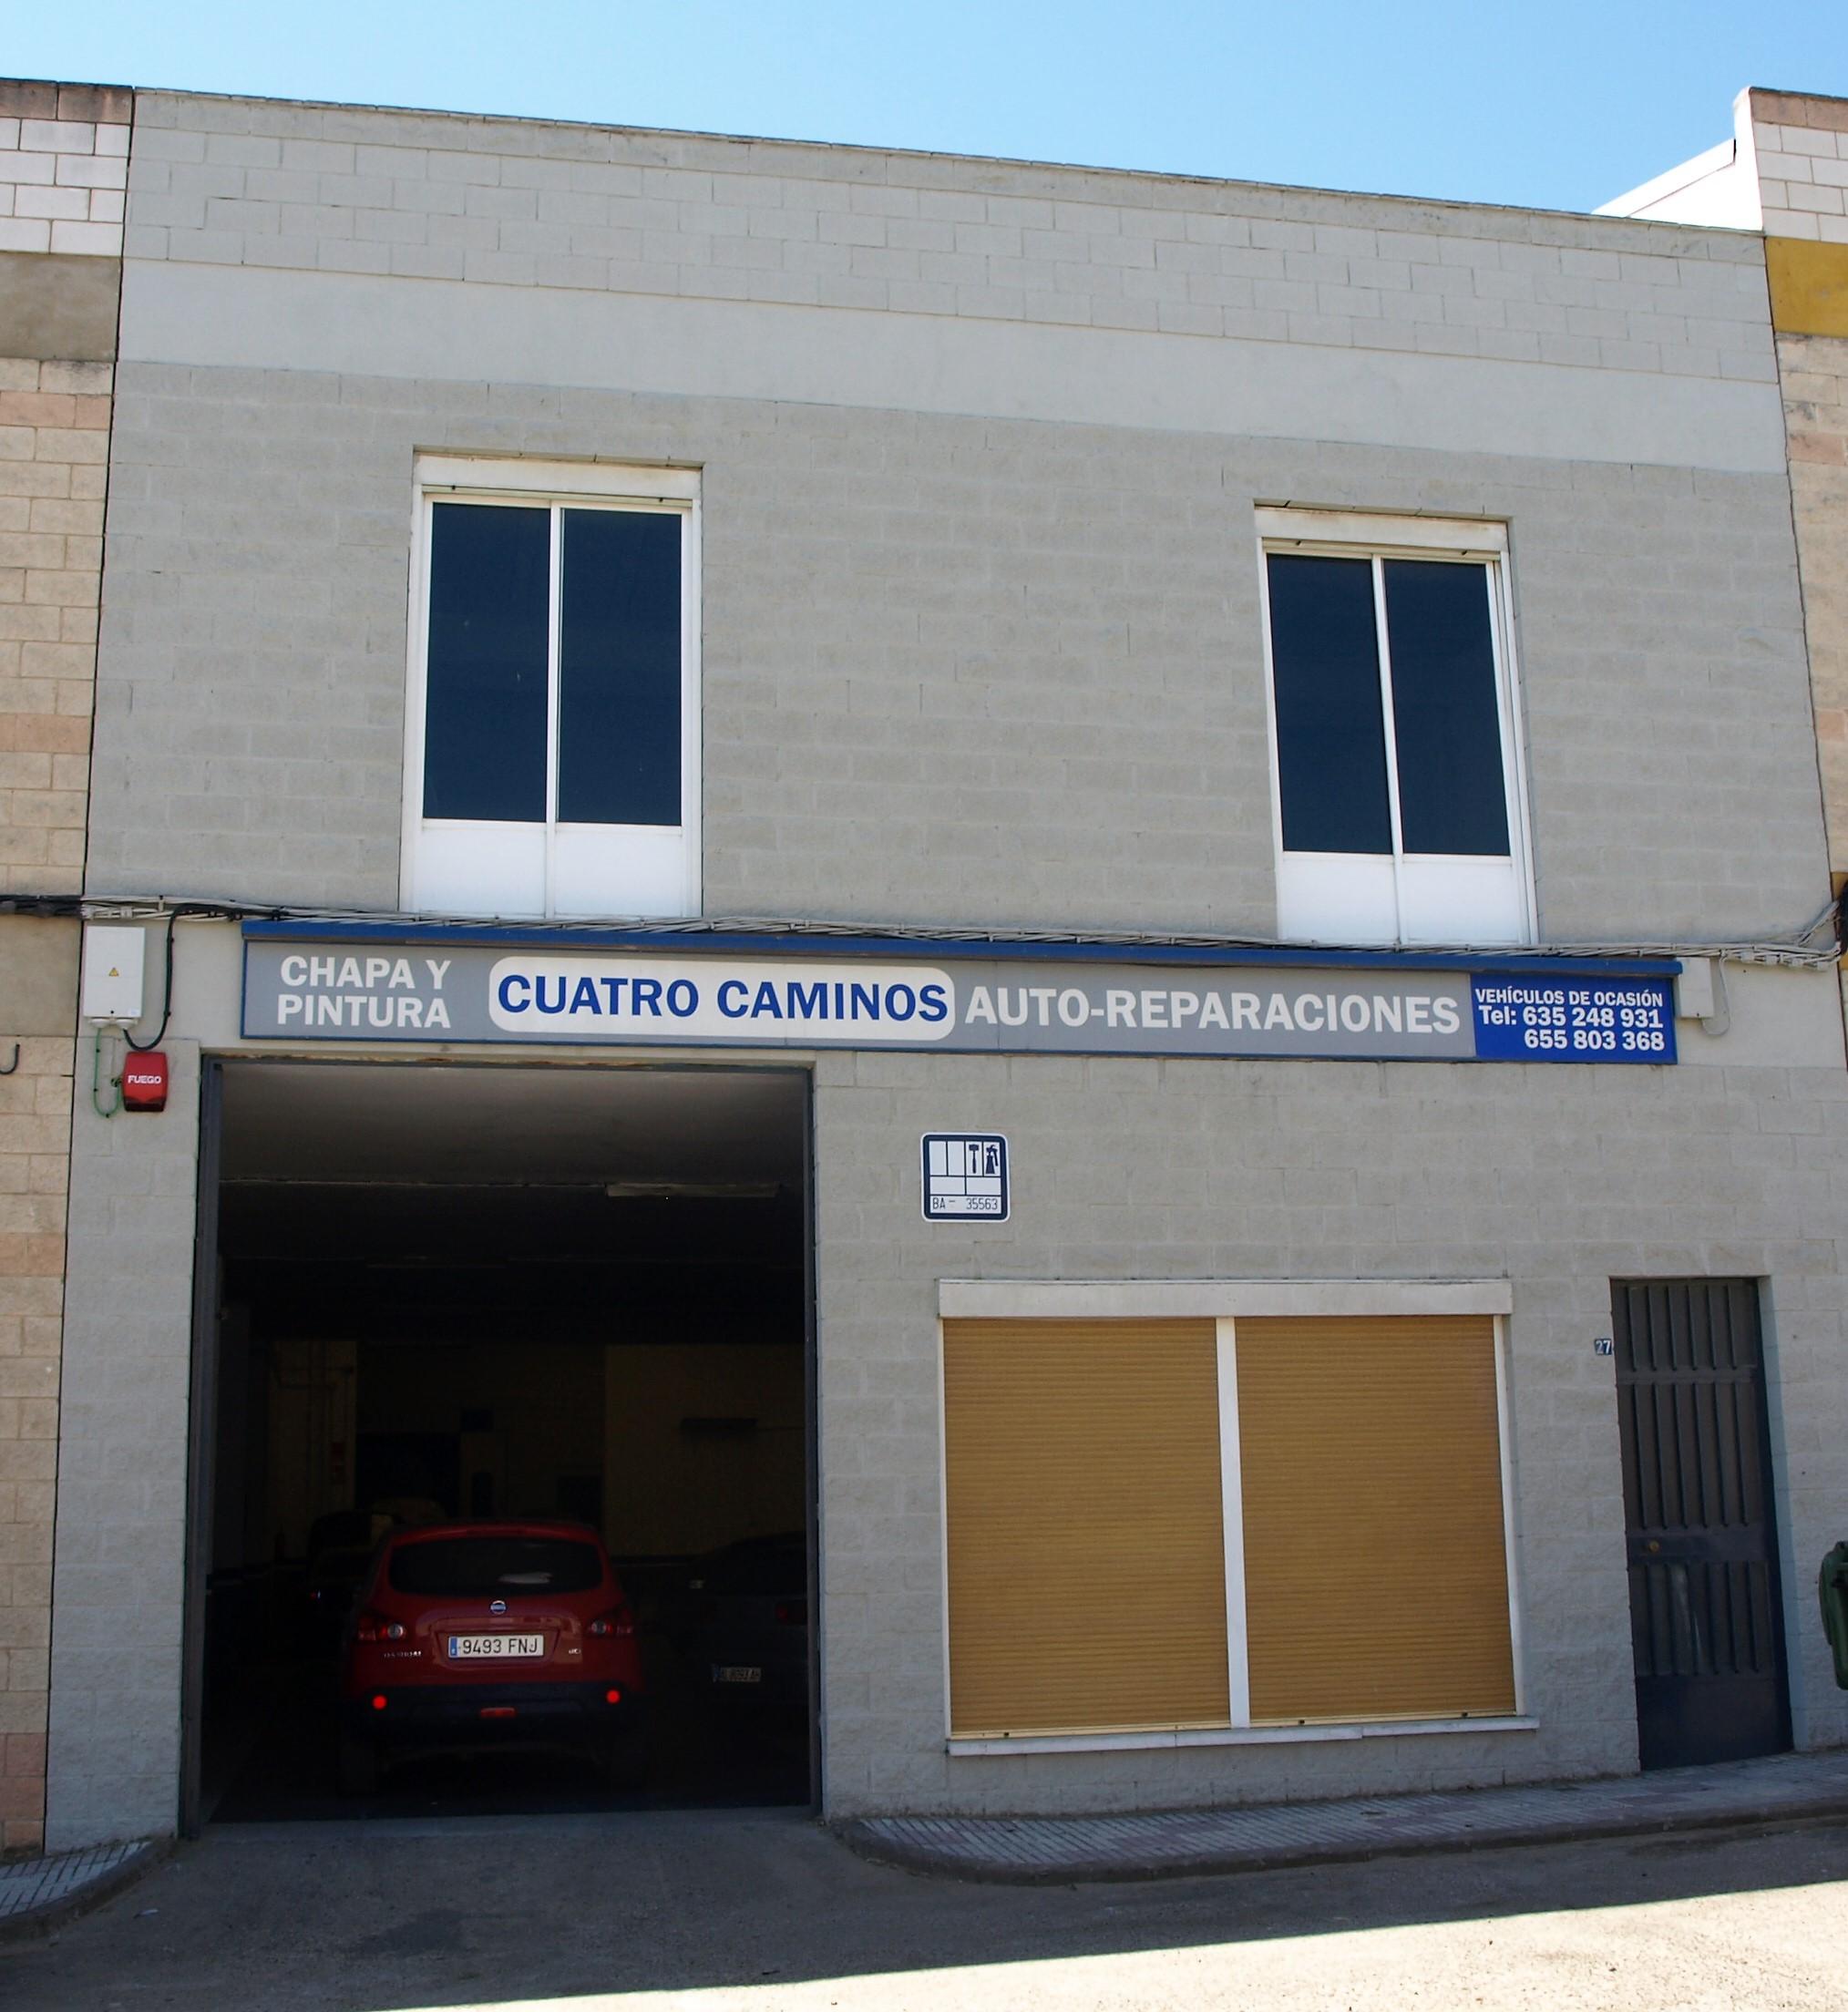 ESPAÑA TALLER CHAPA Y PINTURA DON BENITO CUATROCAMINOS